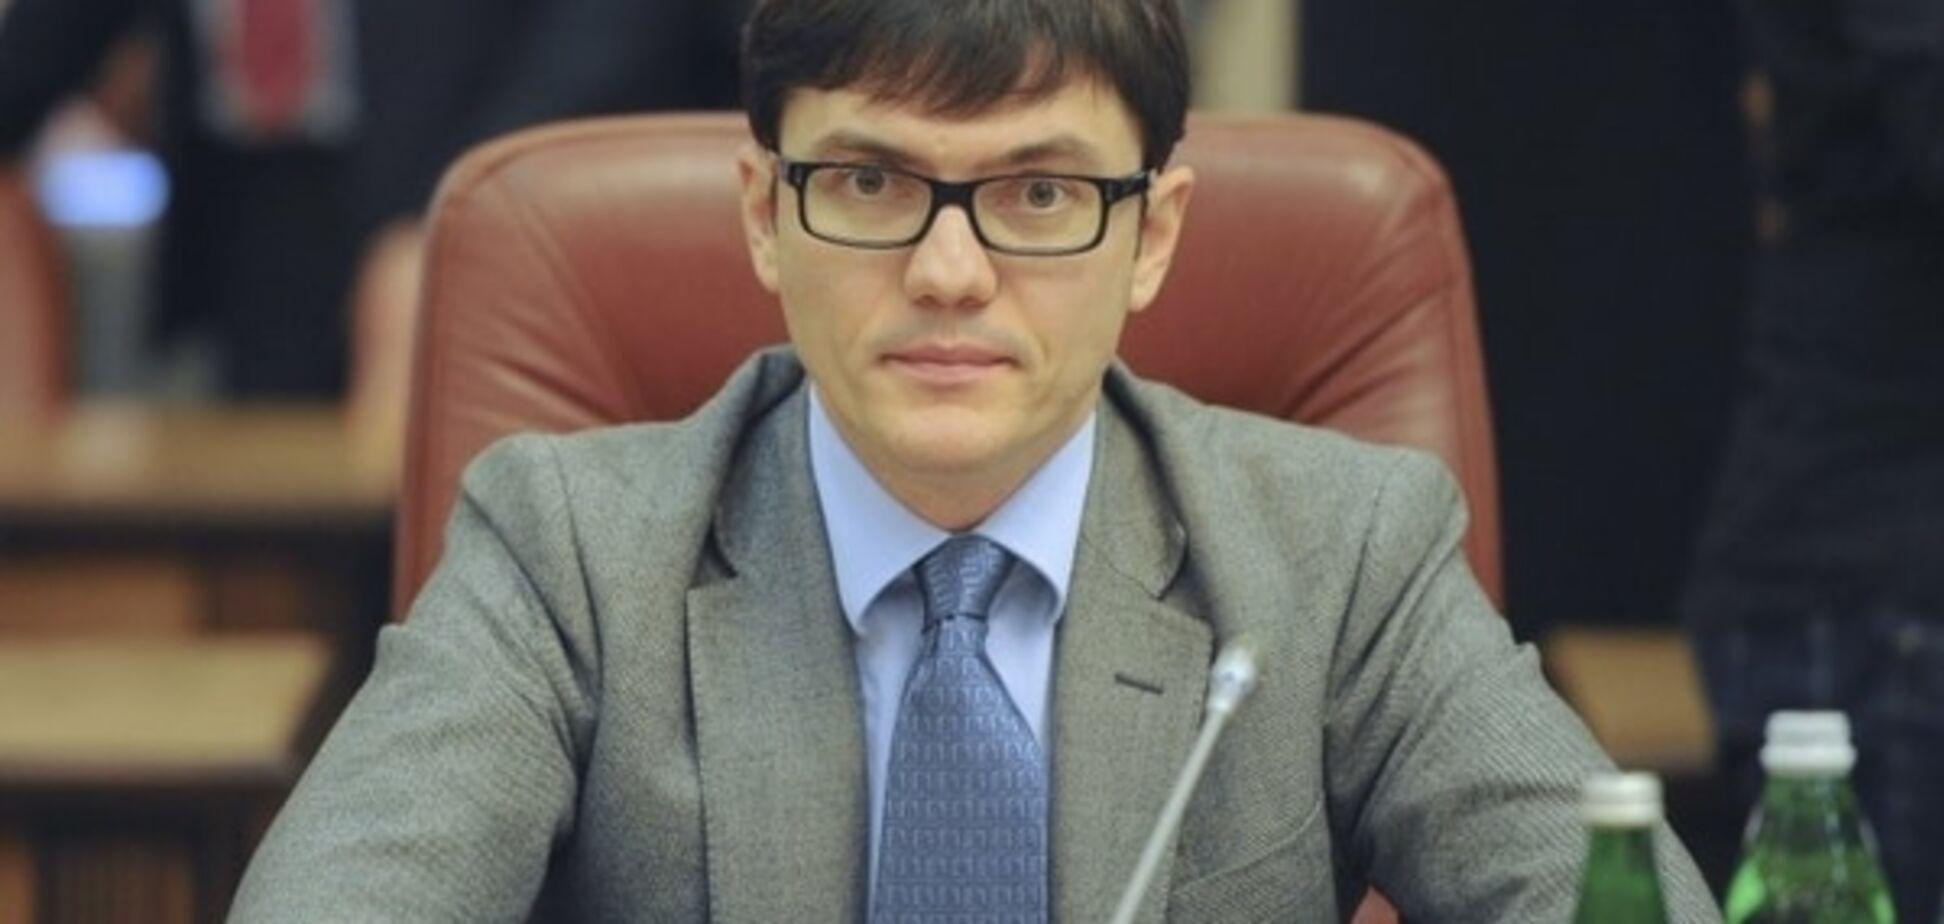 Министр инфраструктуры прокомментировал слухи о своей отставке